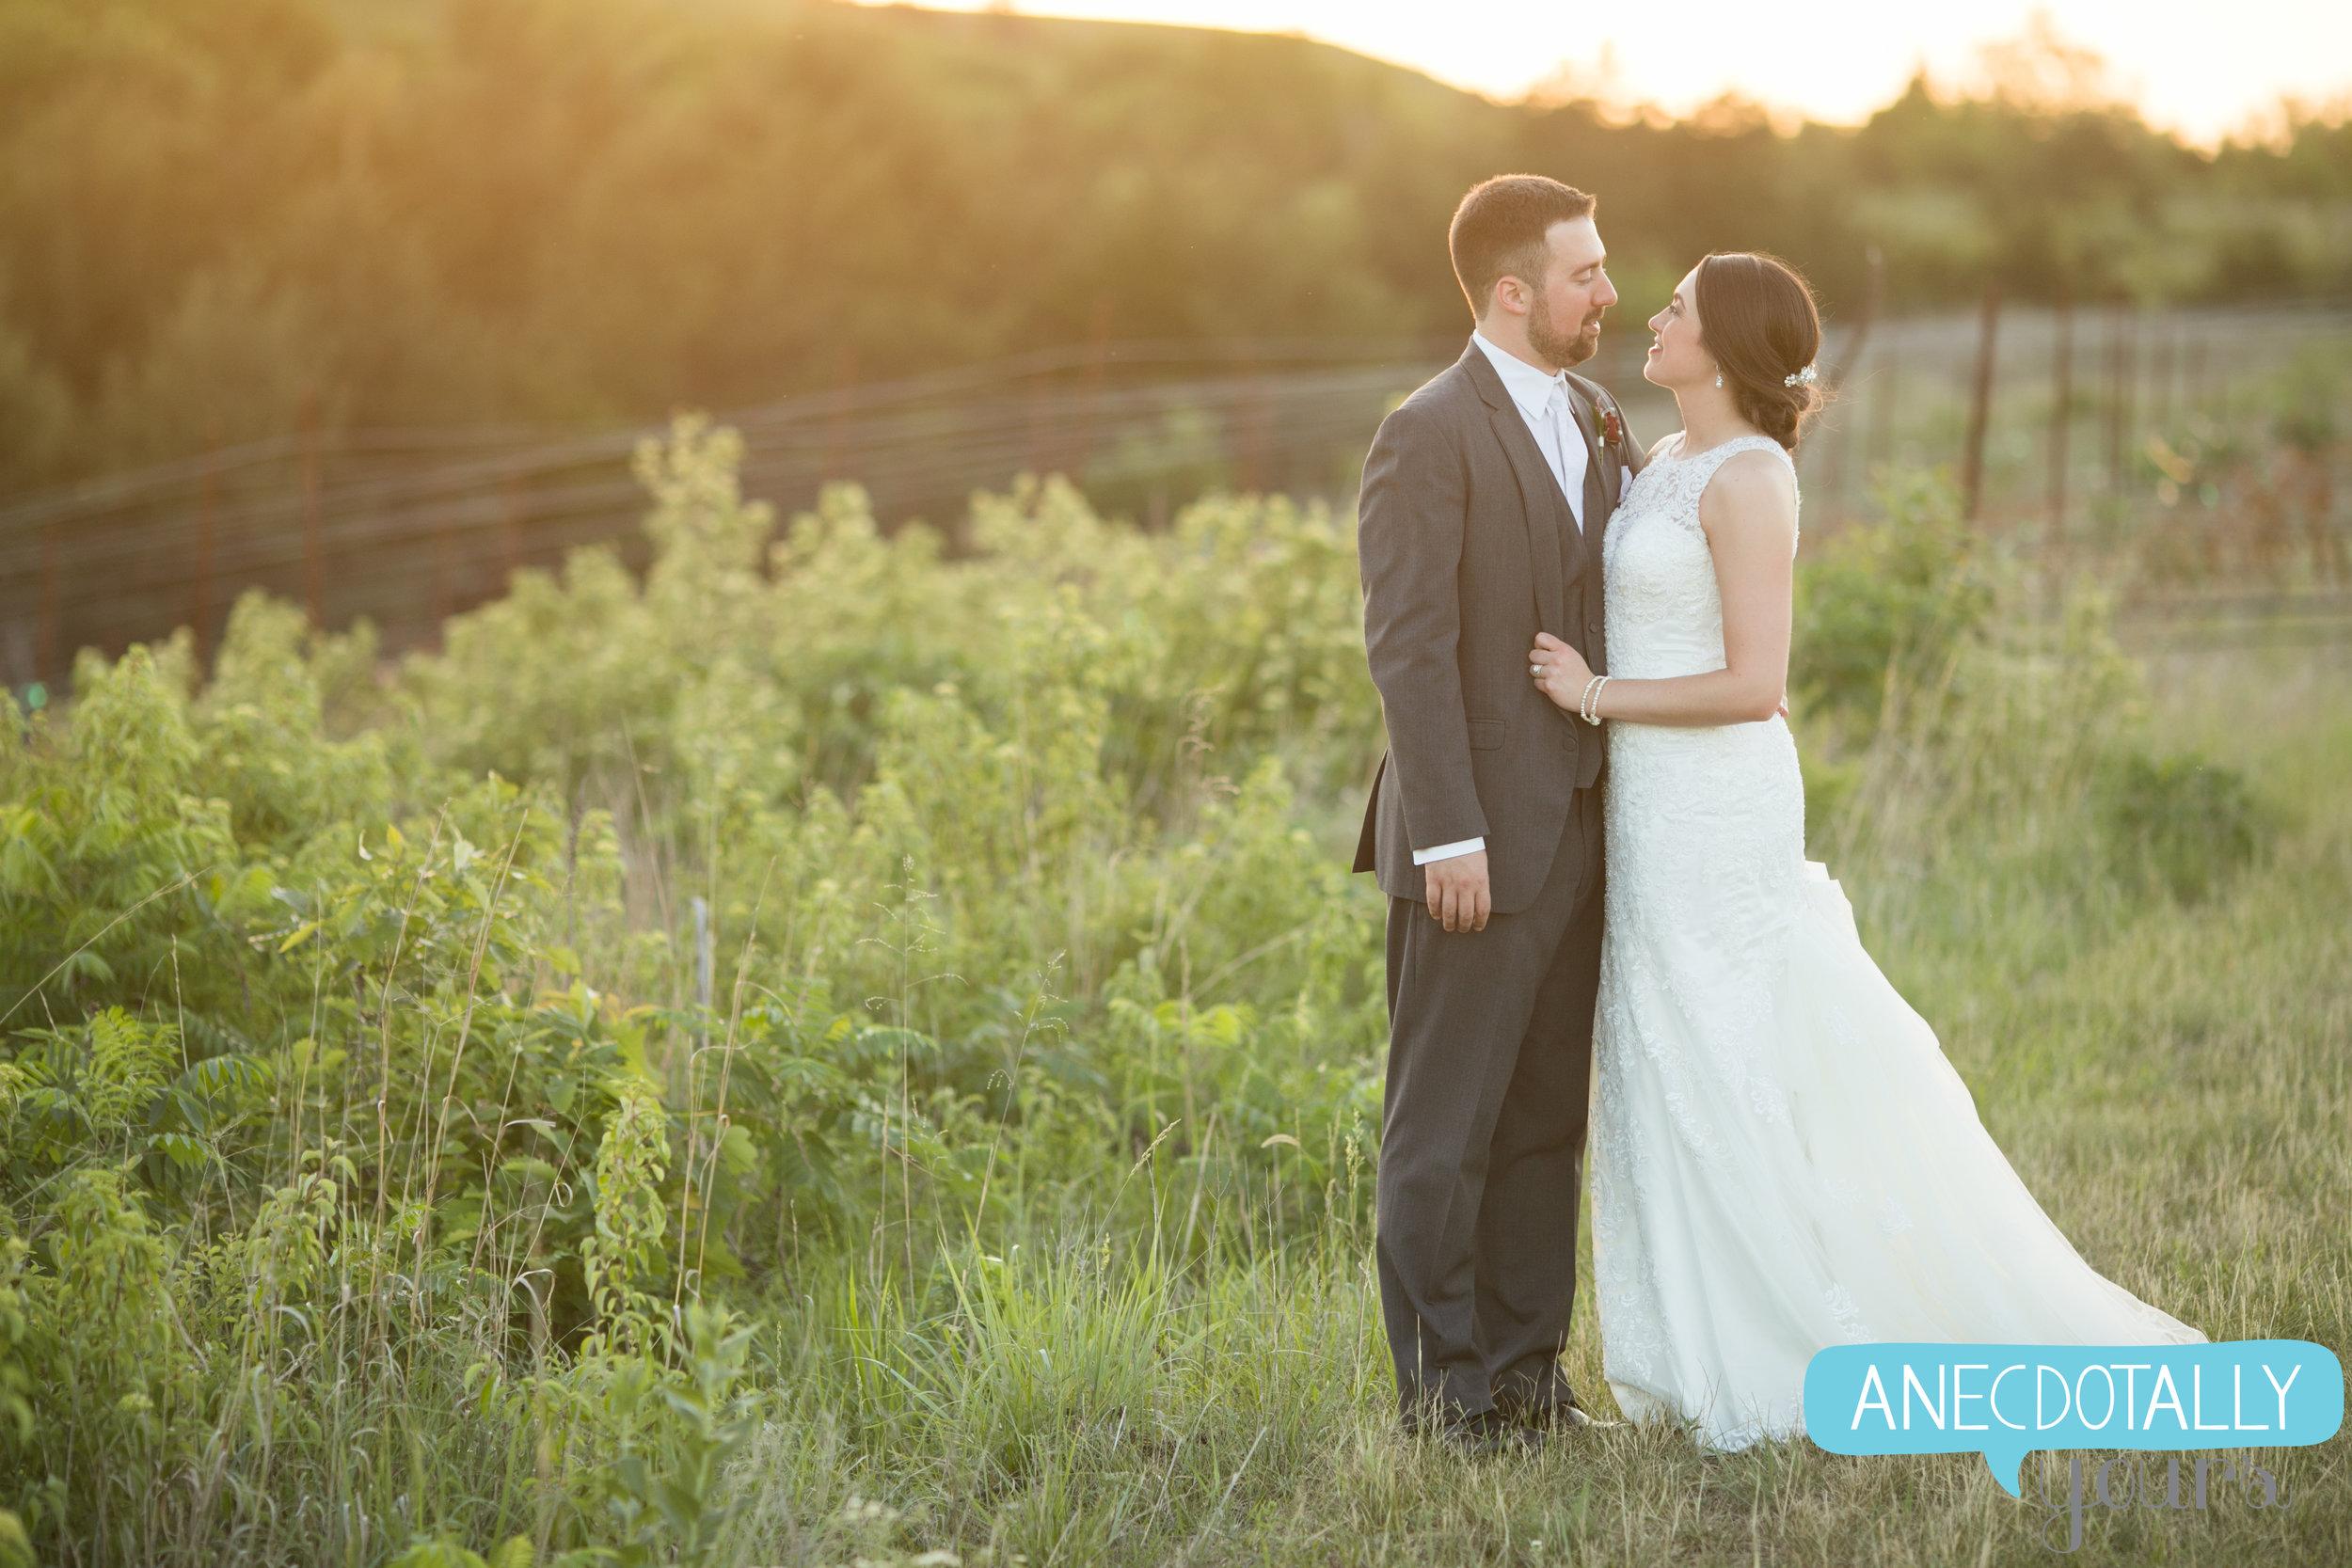 ashley-bryce-wedding-113.jpg